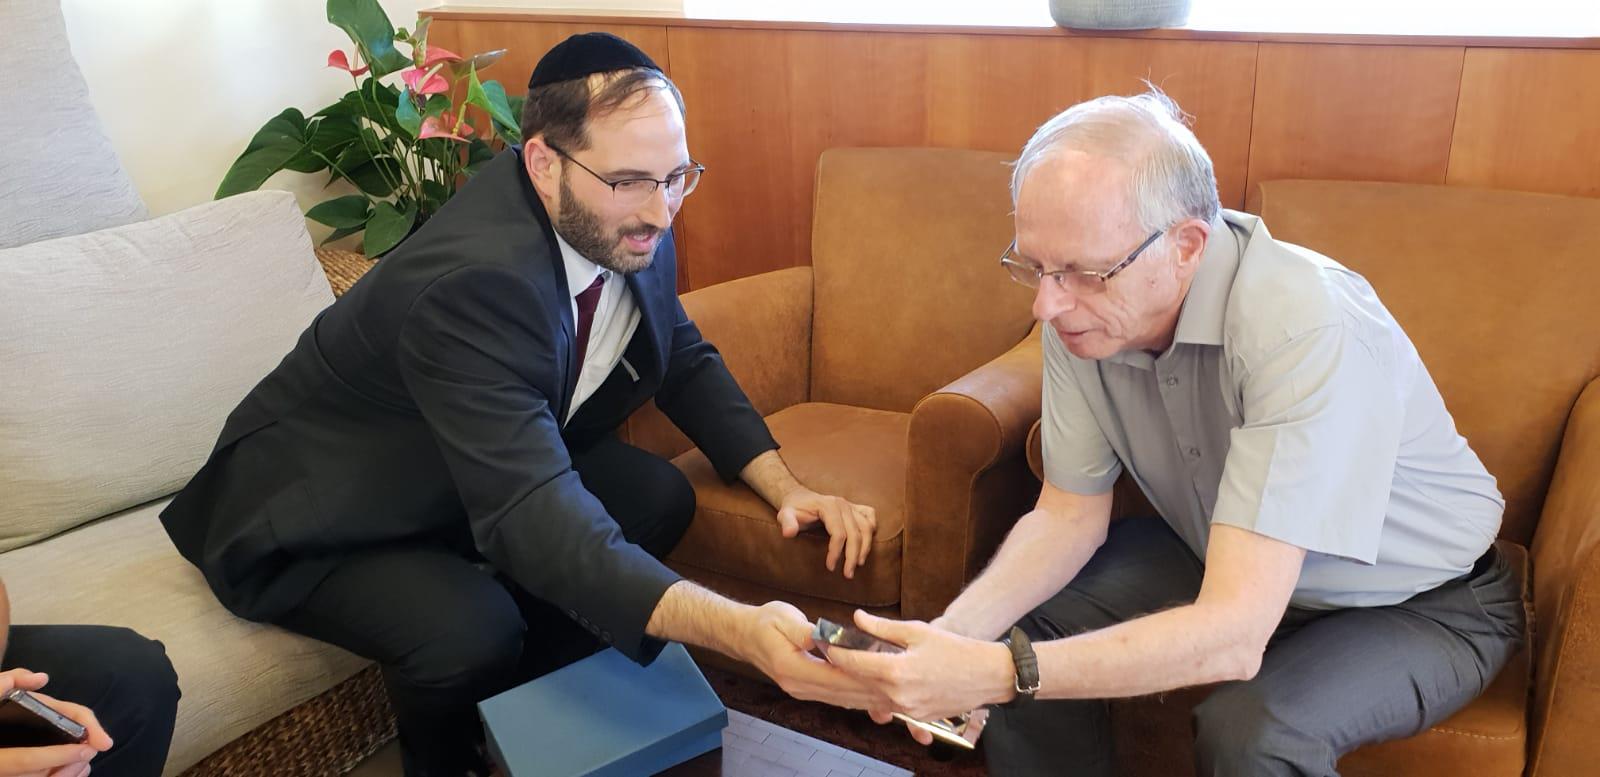 """ארגון בוני עולם בישראל העניק אות הוקרה למנכ""""ל קופ""""ח כללית פרופ' אהוד דודסון"""